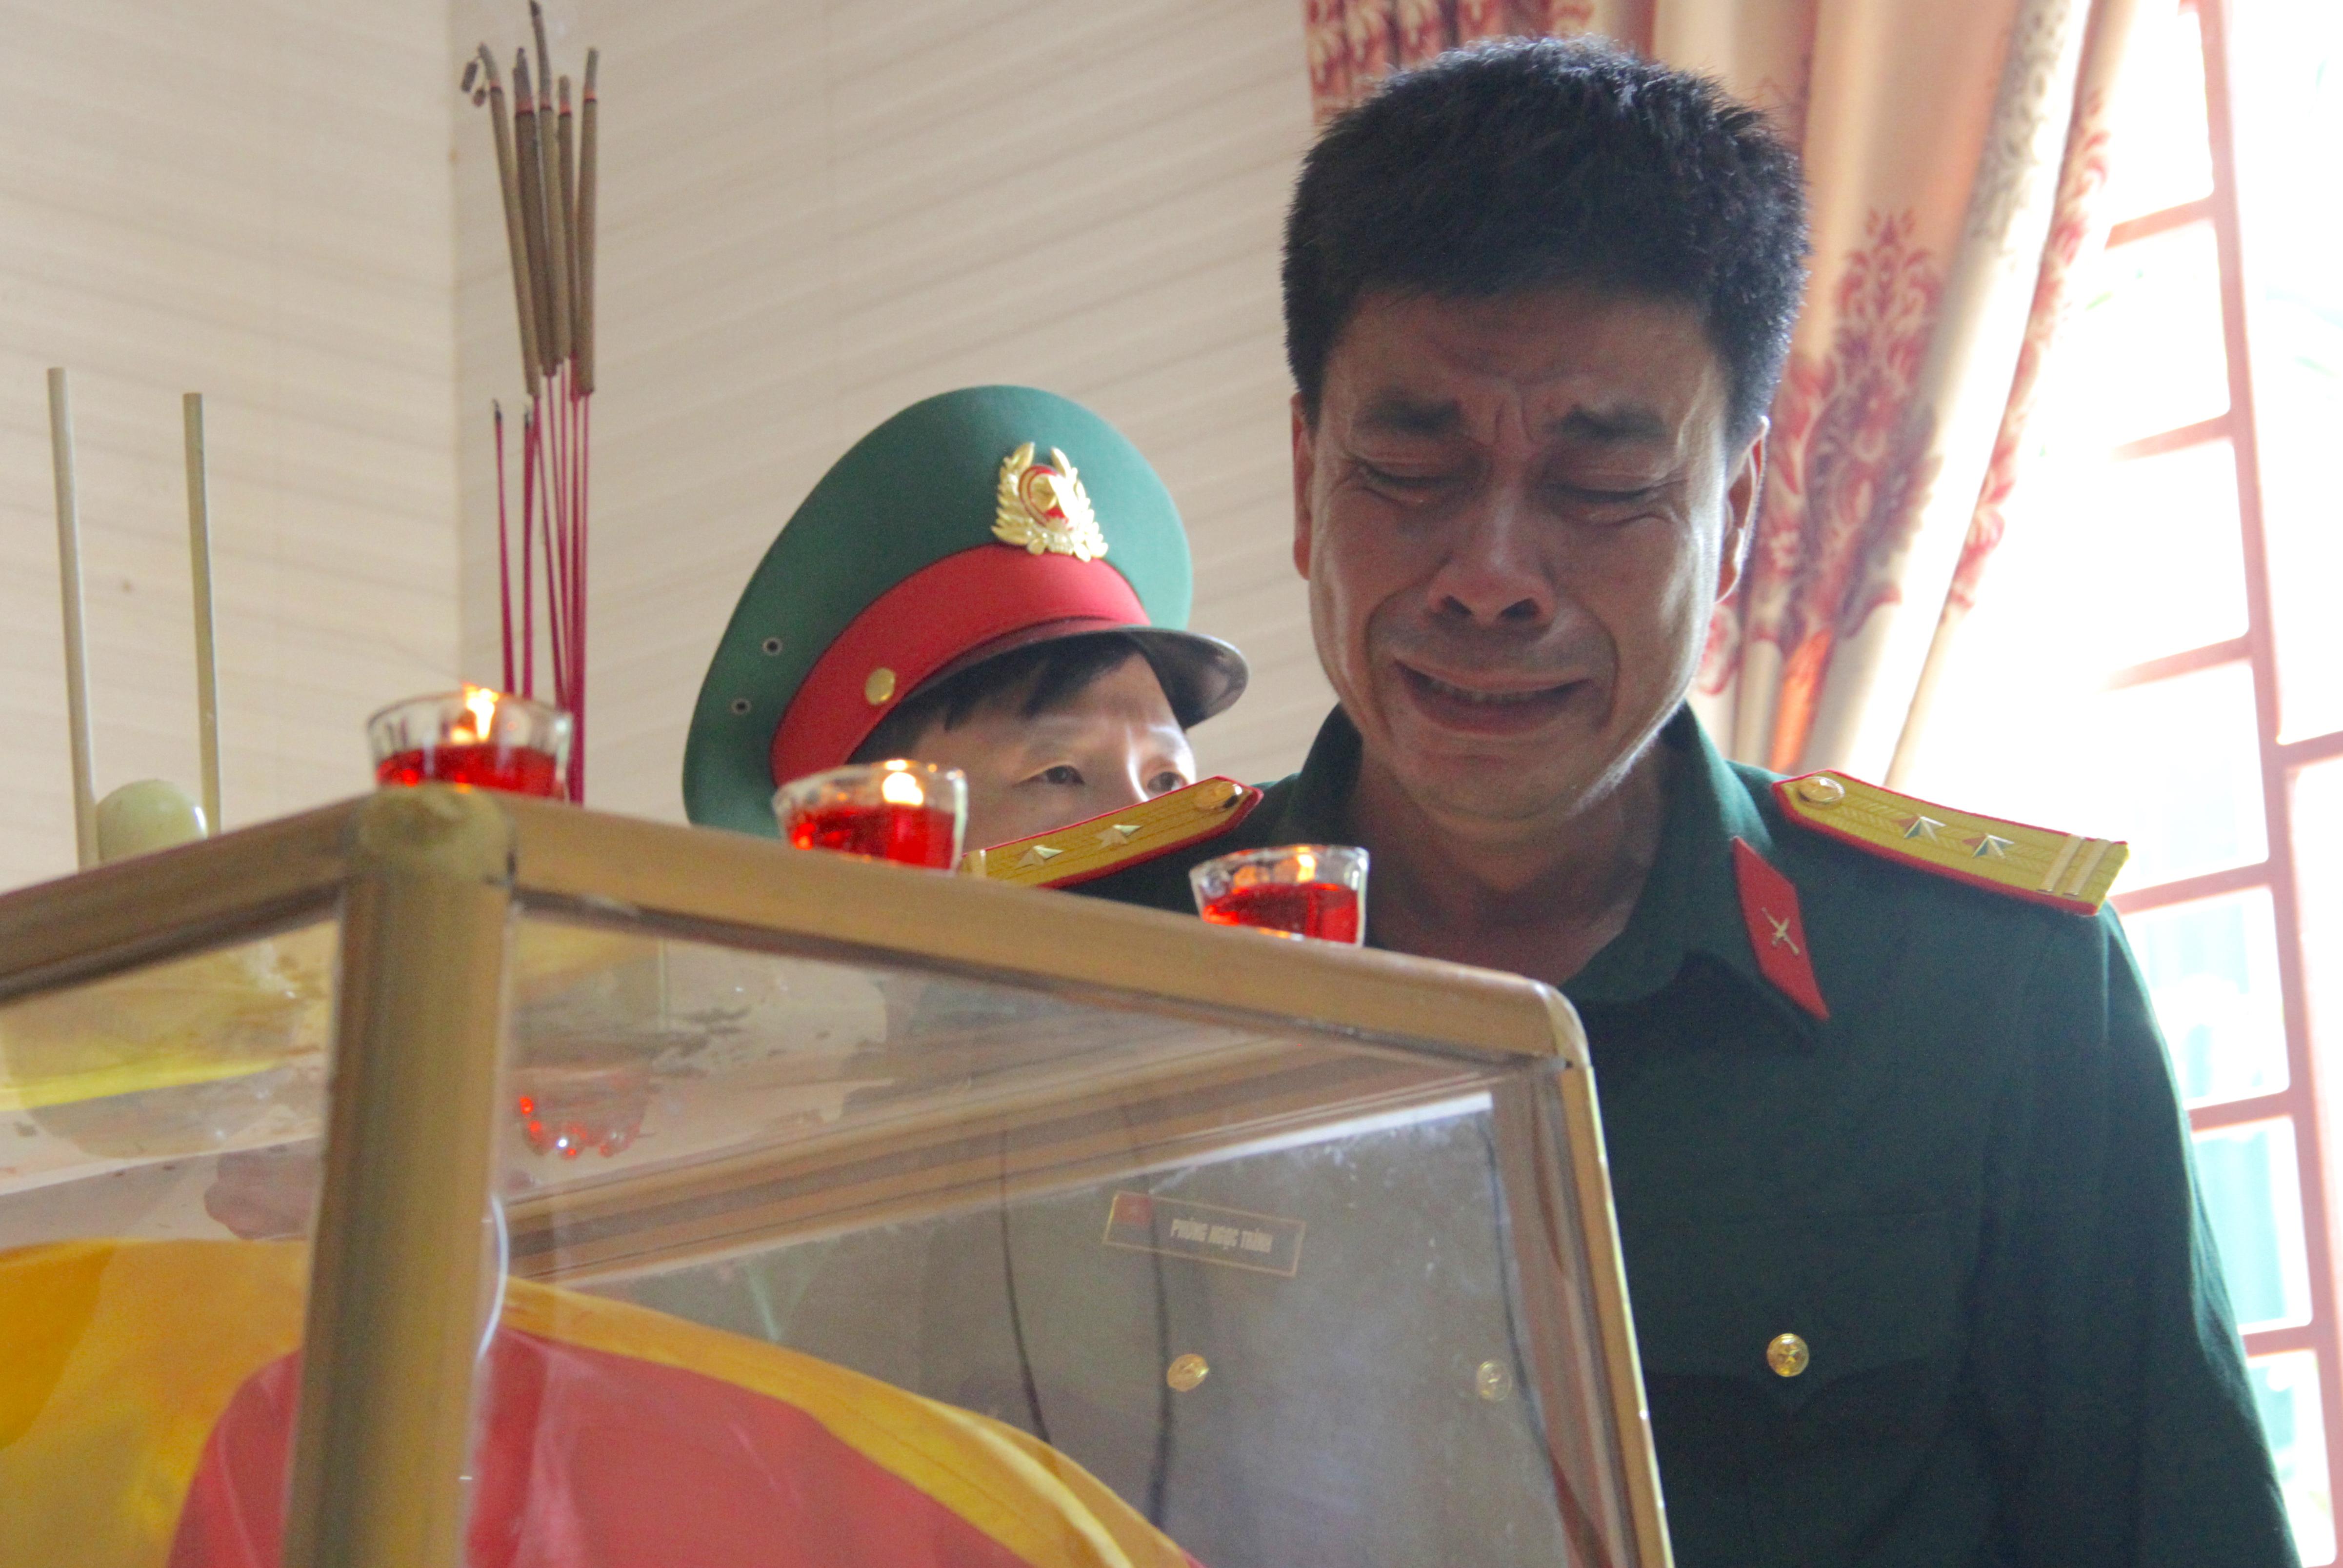 Nước mắt tiễn biệt liệt sỹ Đoàn 337 bị vùi lấp ở Quảng Trị: Nào ngờ con đi không về nữa - Ảnh 11.